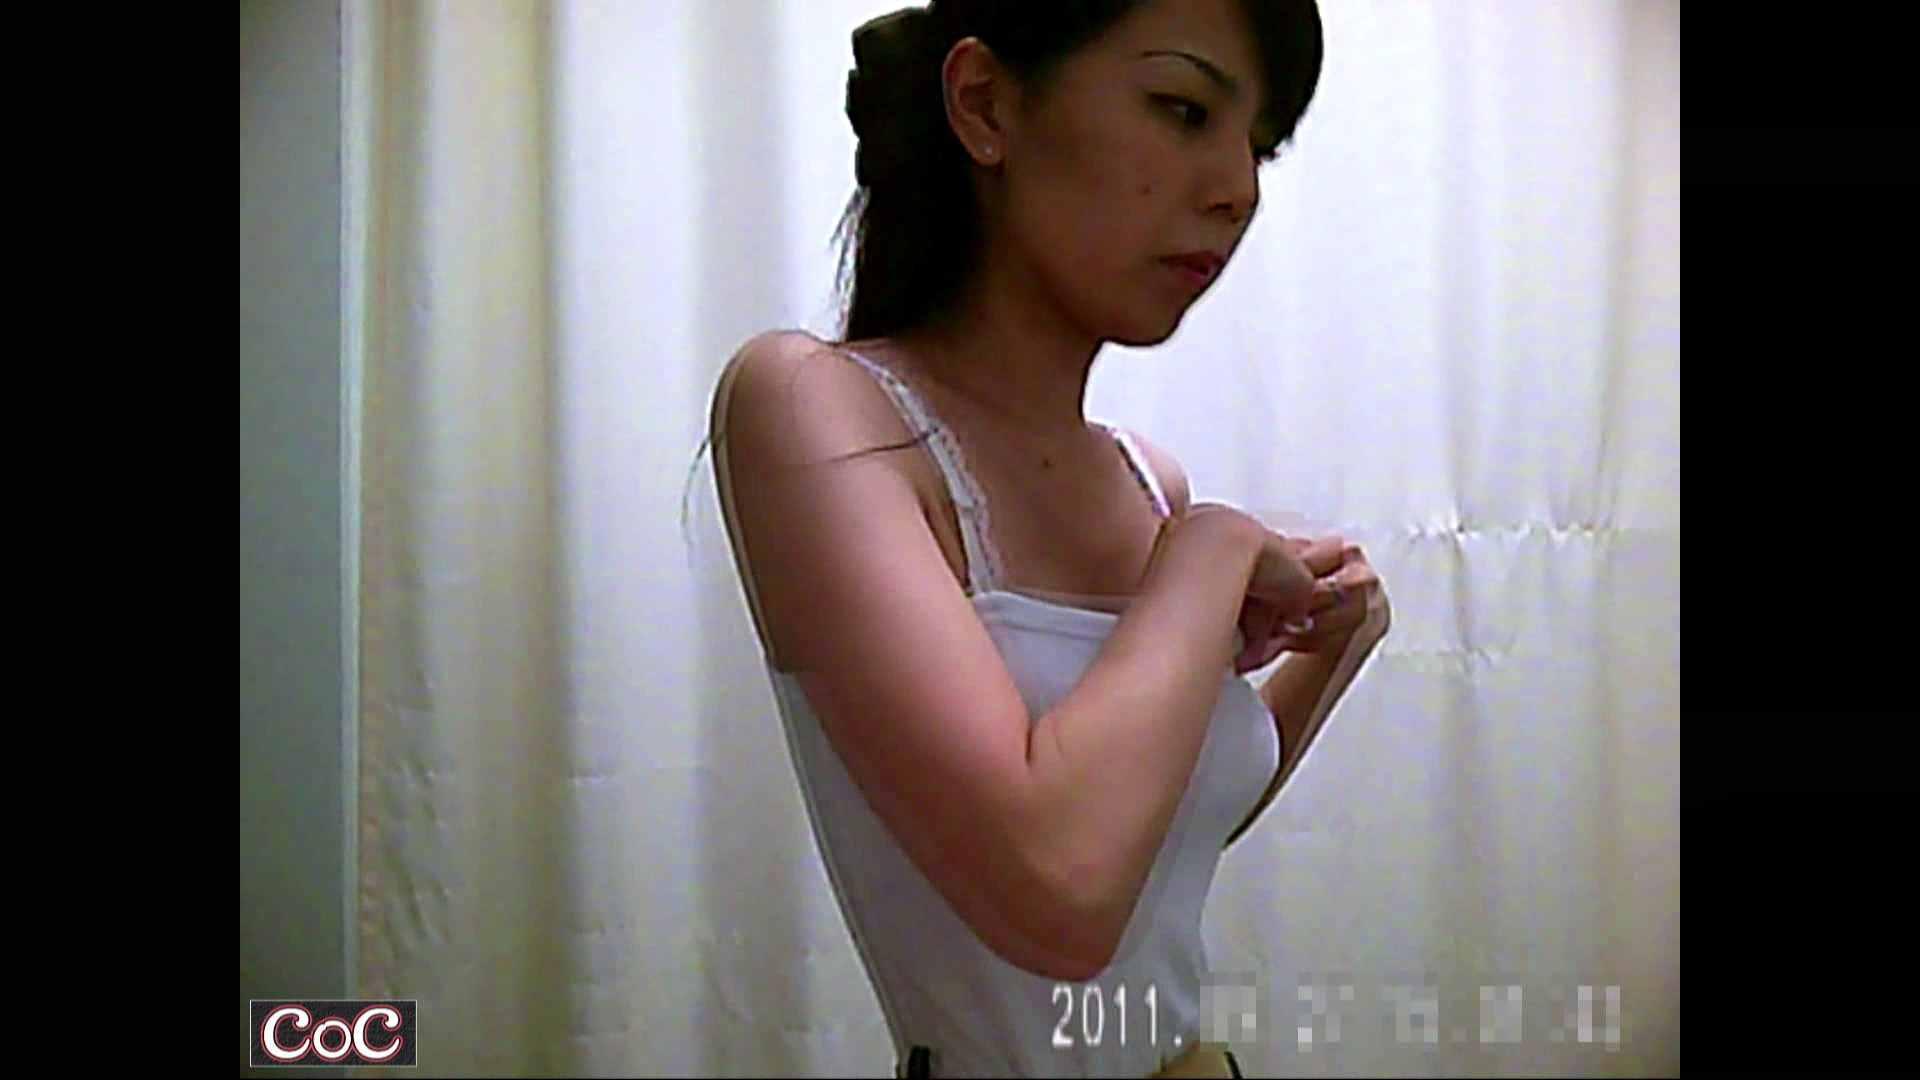 病院おもいっきり着替え! vol.38 OLヌード天国 オマンコ動画キャプチャ 59PIX 23